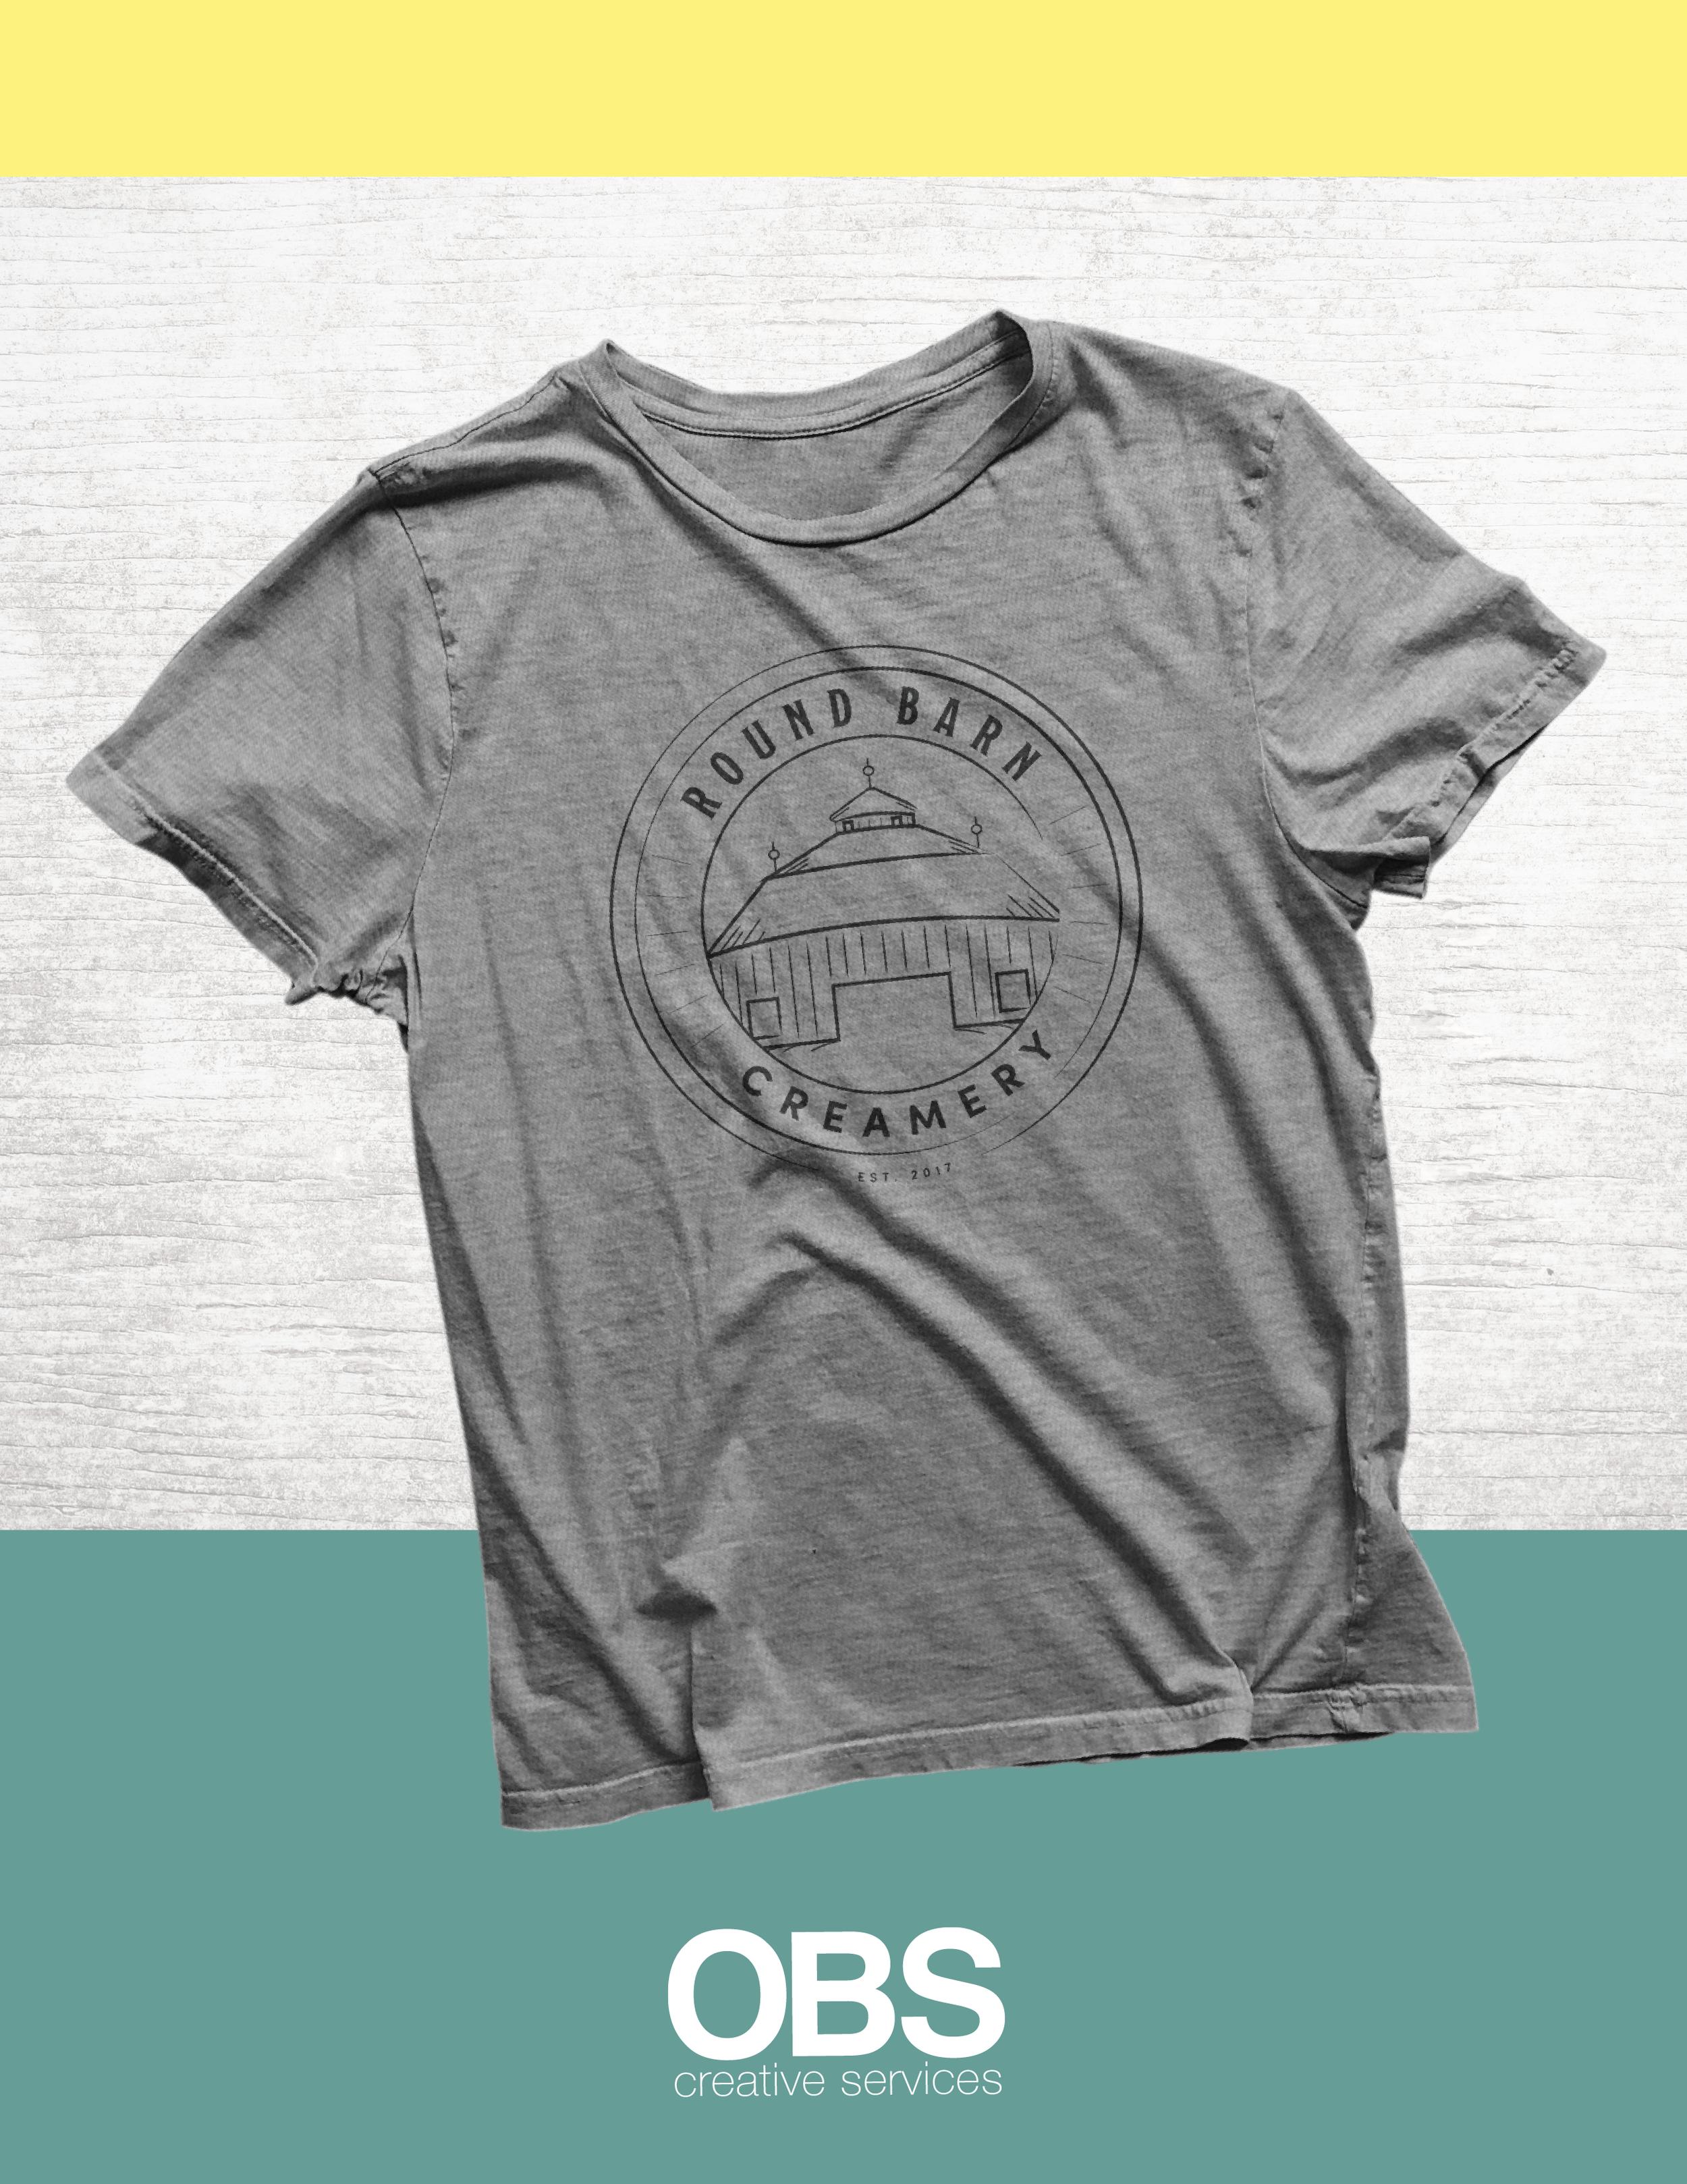 Round Barn Creamery T-Shirt Design_Round Barn Creamery T-shirt Design.png